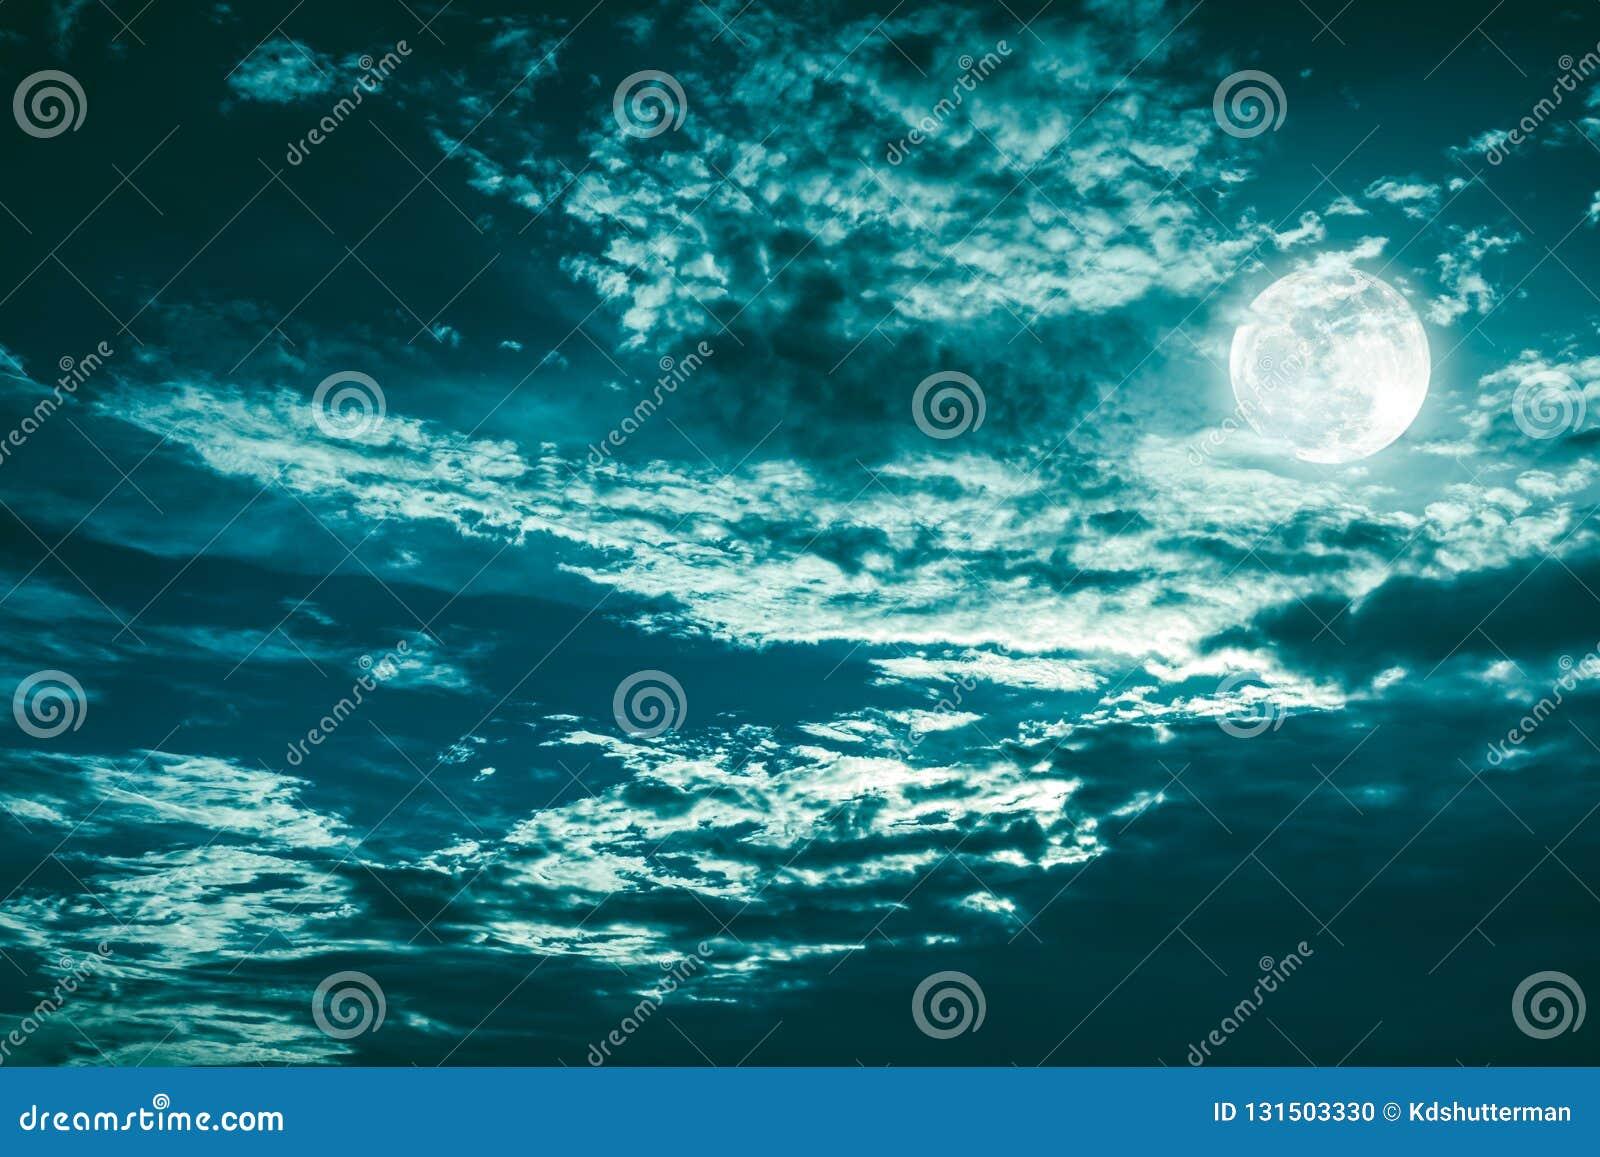 Piękny cloudscape nocne niebo z ciemny chmurnym Niektóre chmury przyćmiewają księżyc w pełni Spokój natury tło w nighttime